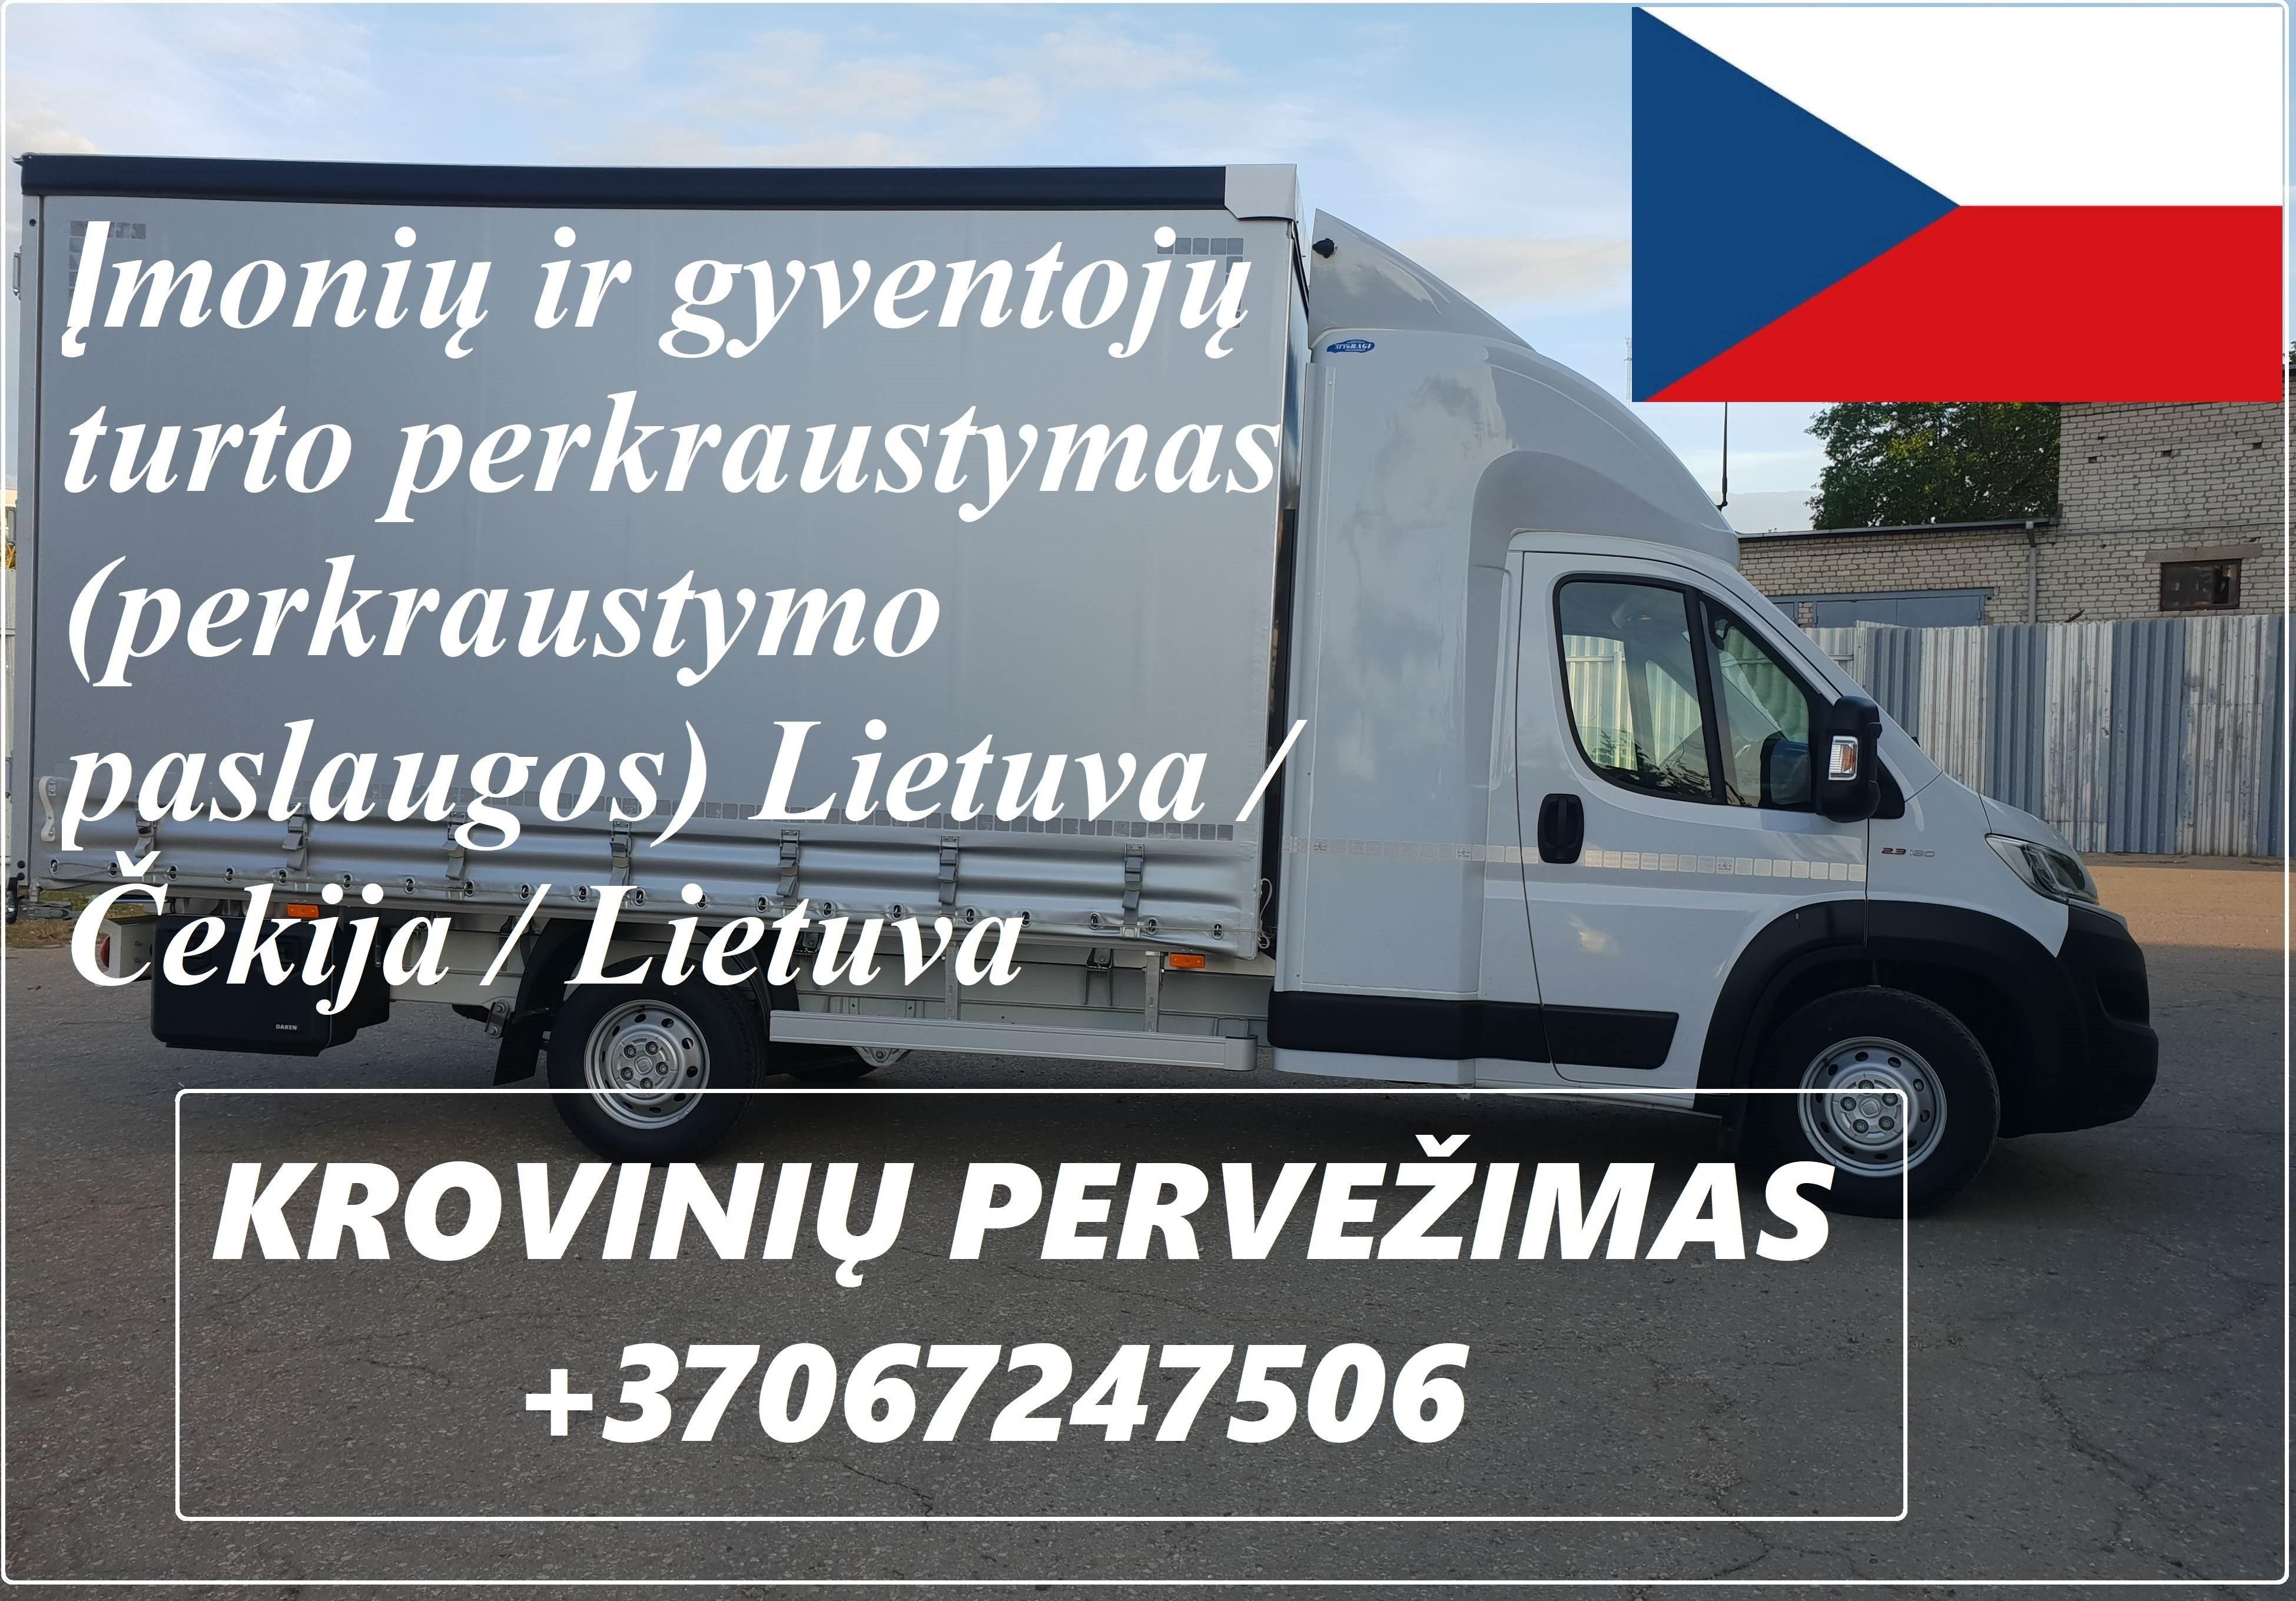 Transporto Paslaugos Meno kūriniams gabenti Lietuva – Cekija – Lietuva ! +37067247506  Tarptautinis gabenimas muzikos instrumentų, meno kūrinių gabeni